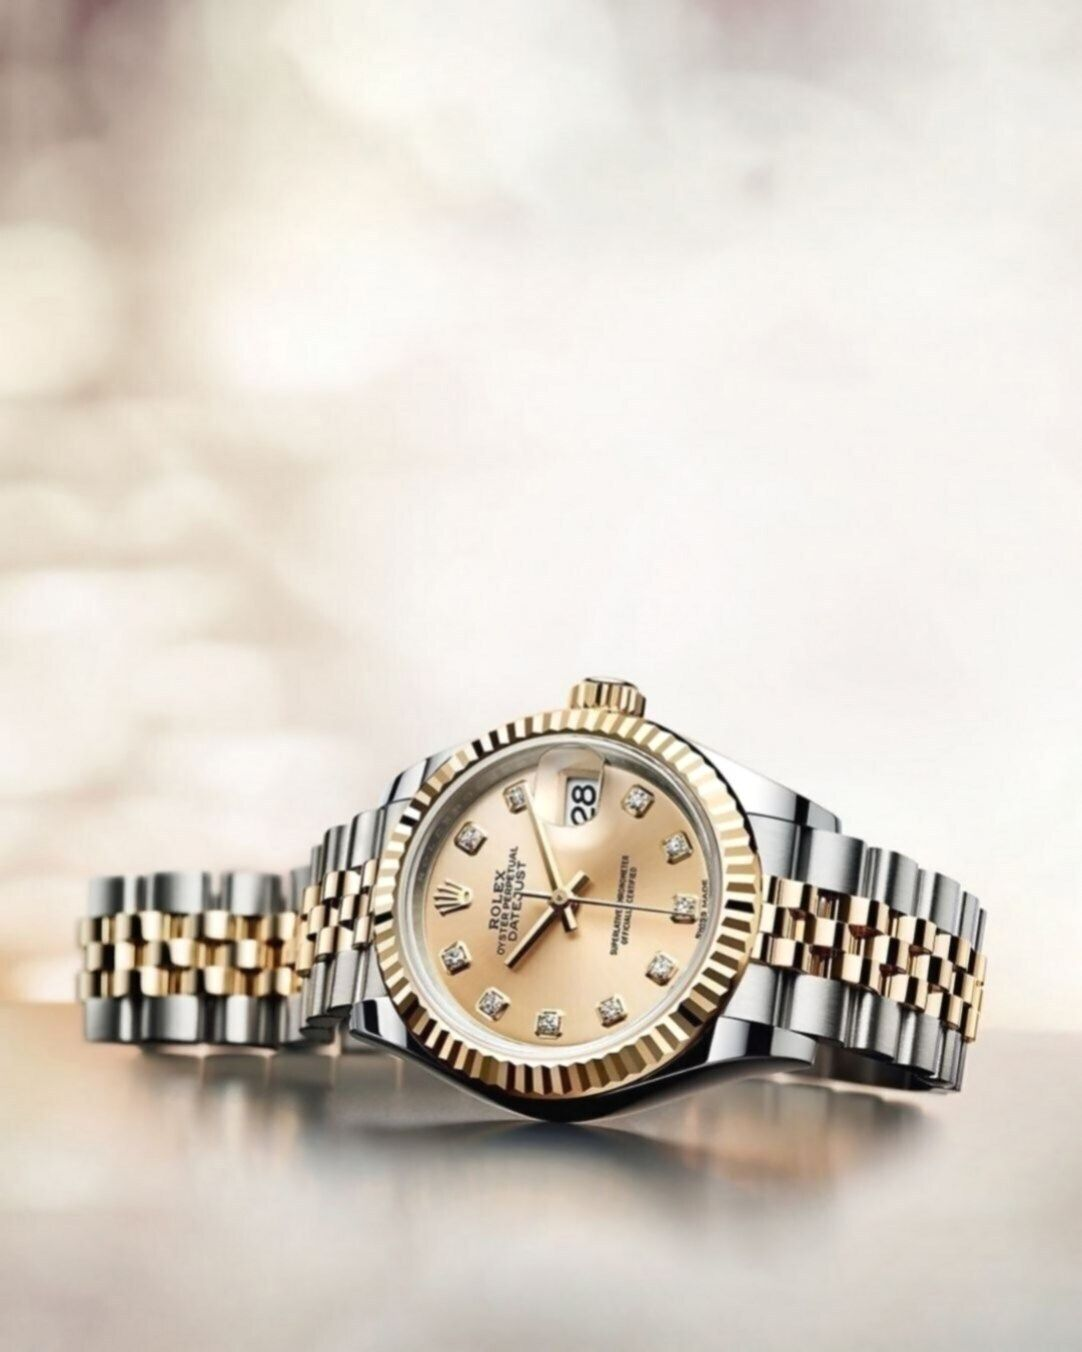 Rolex Sur Instagram Oyster Perpetual Lady Datejust Prestige Et Elegance Pour Plus De Details Sur Cette Montre Co 2020 Bilezik Saat Bayan Saatleri Rolex Saatler